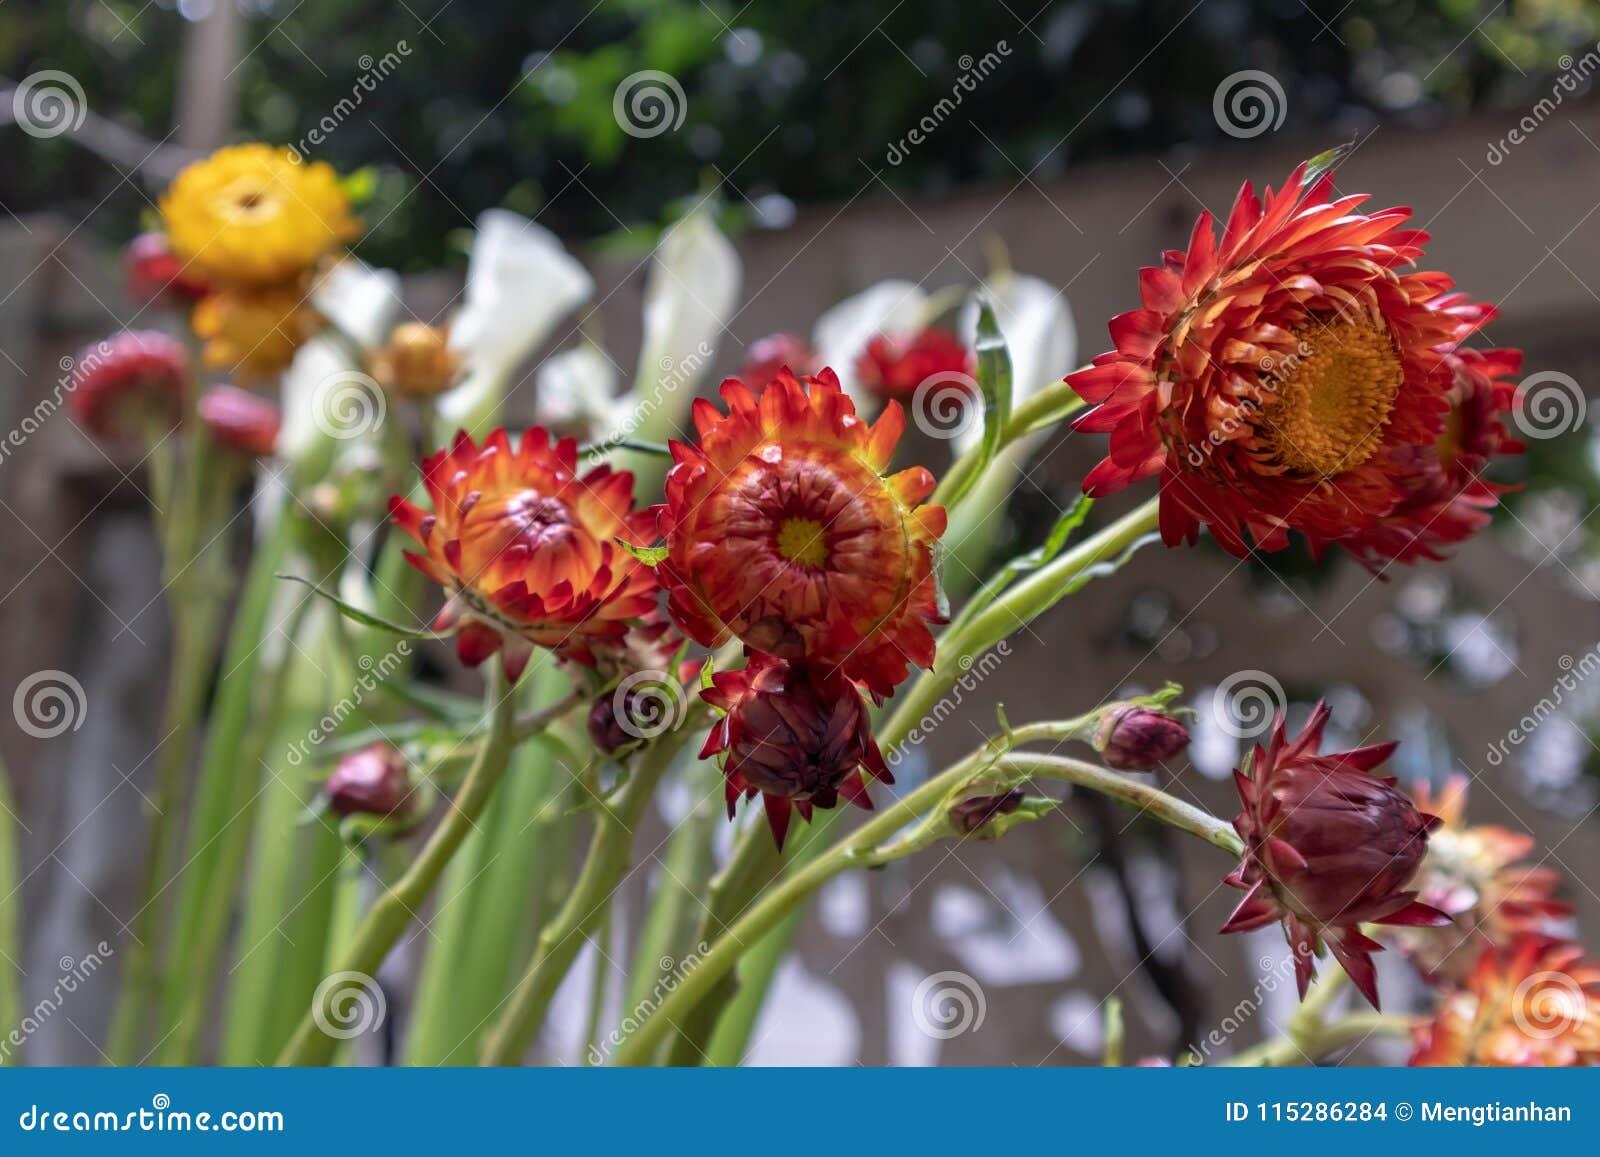 Helichrysum Bracteatum Fresh Cut Flowers Stock Photo Image Of